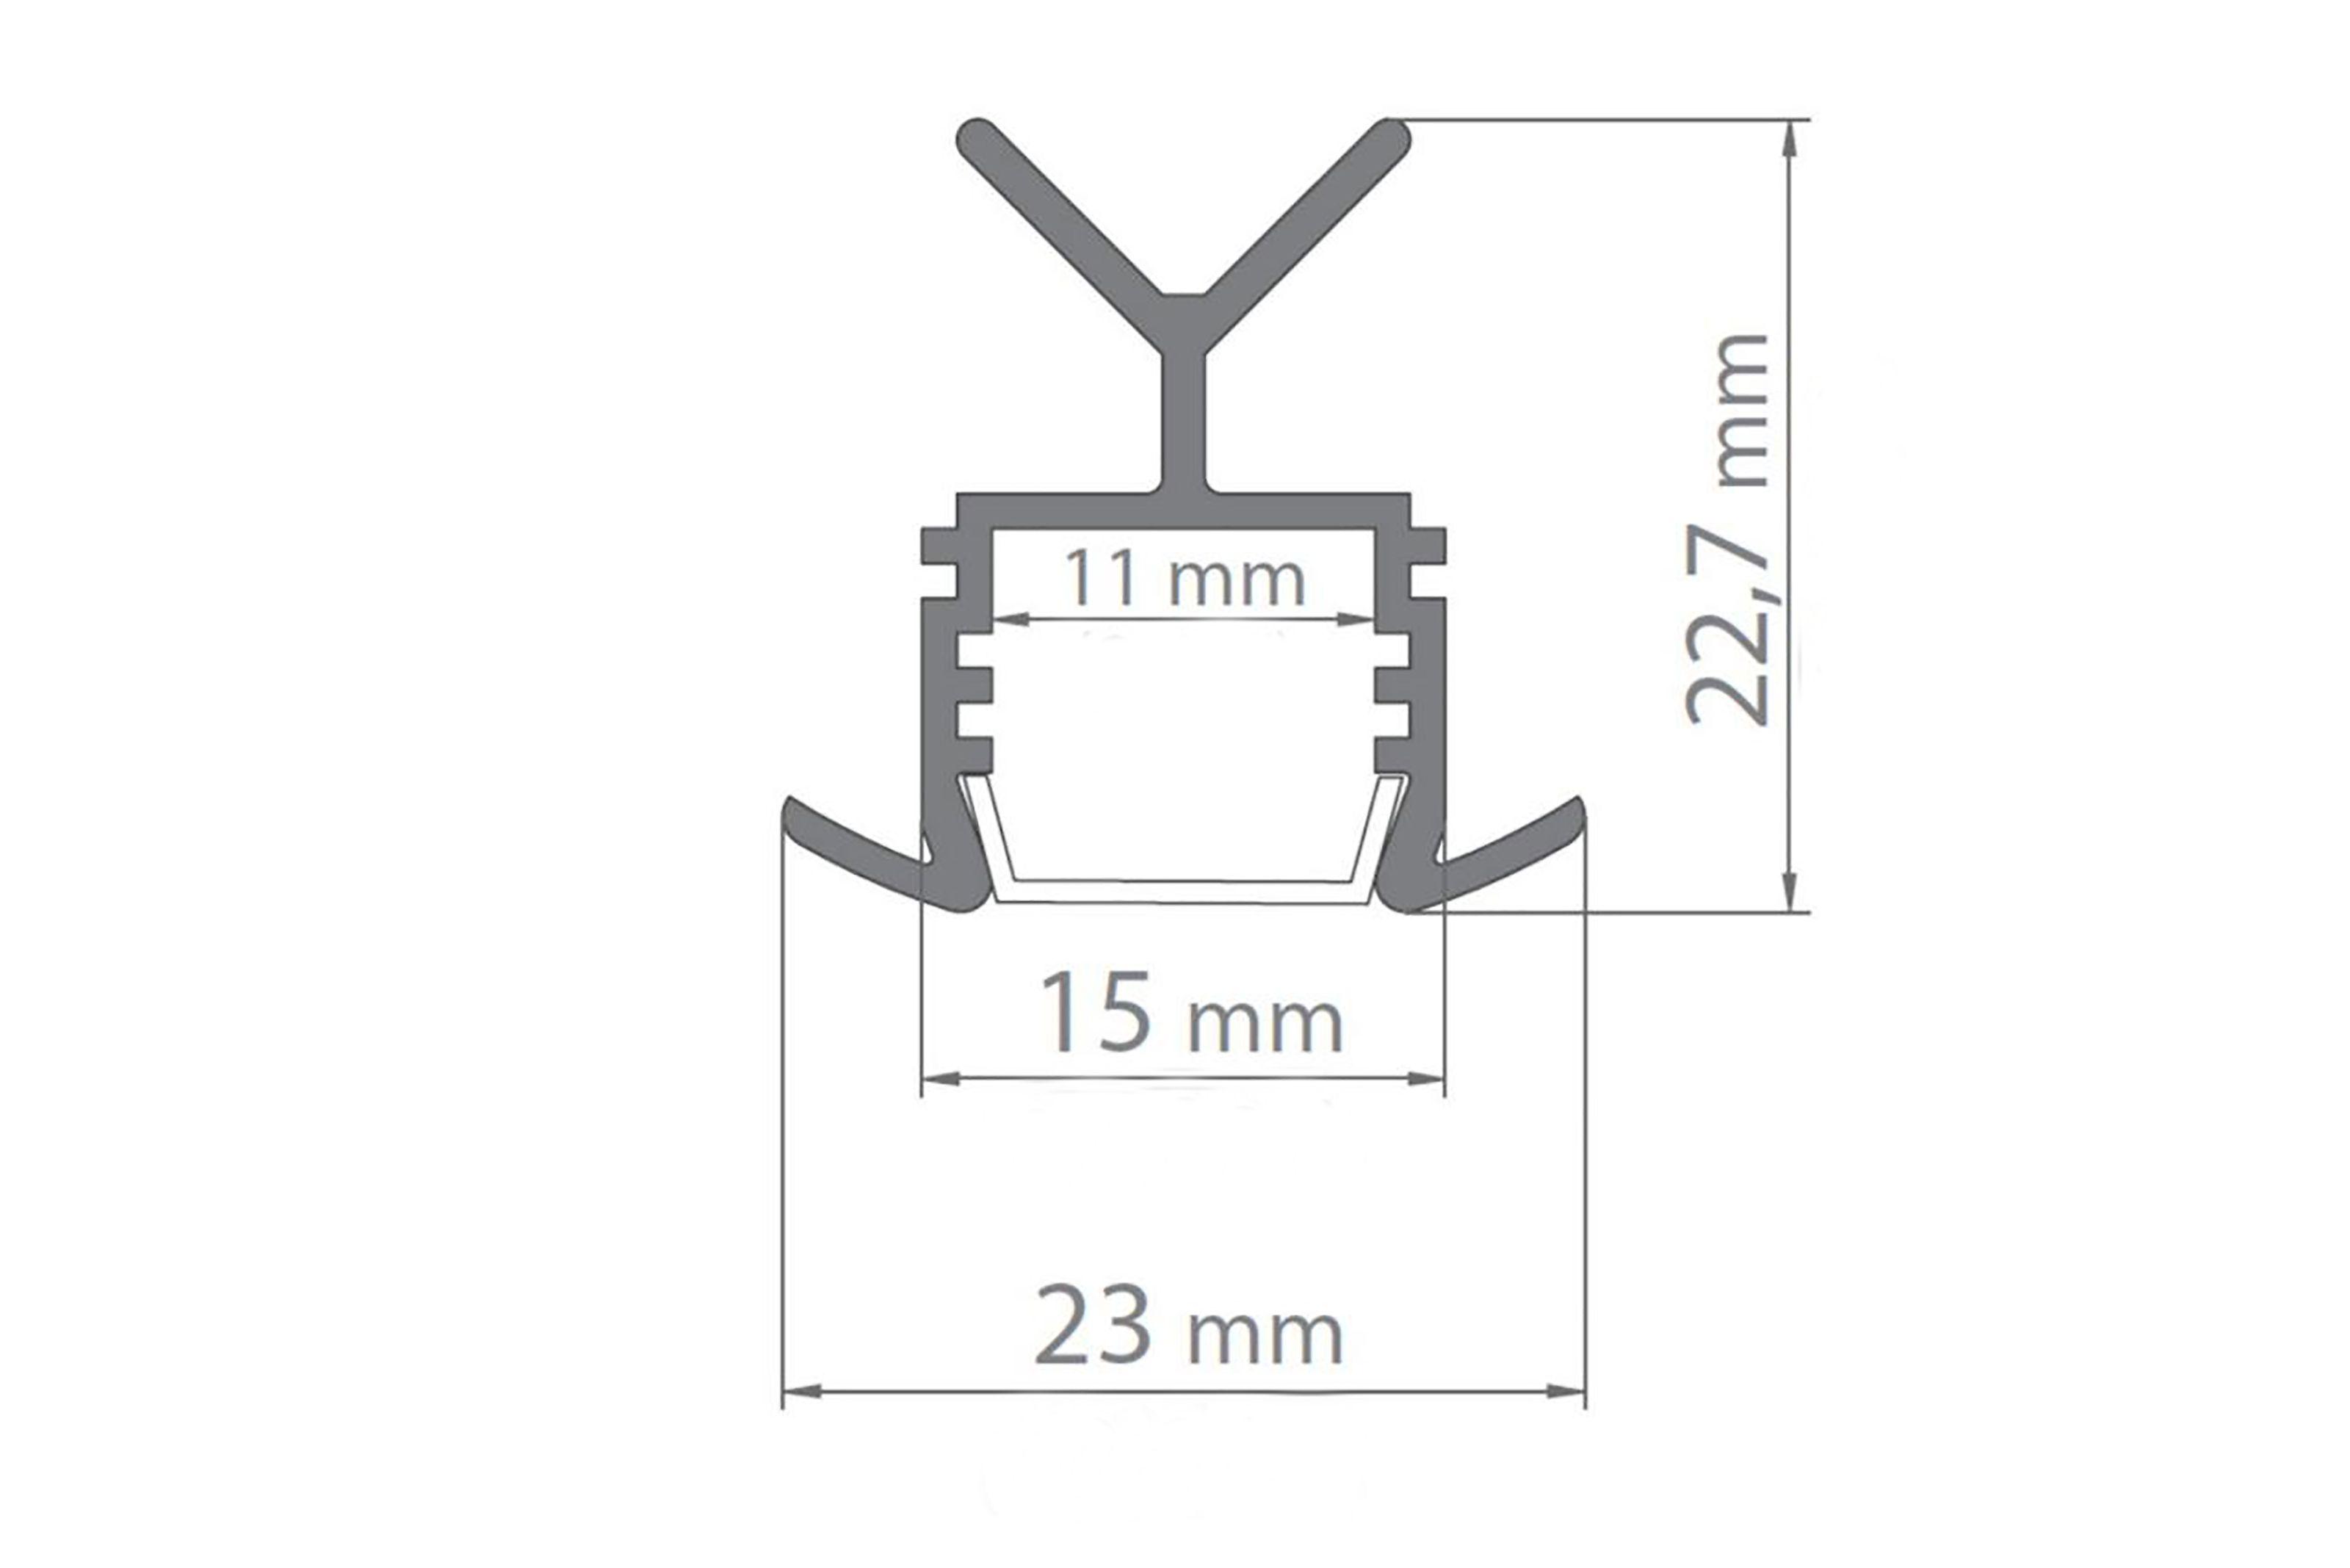 lightline-handrail-6-mj-lighting-v2